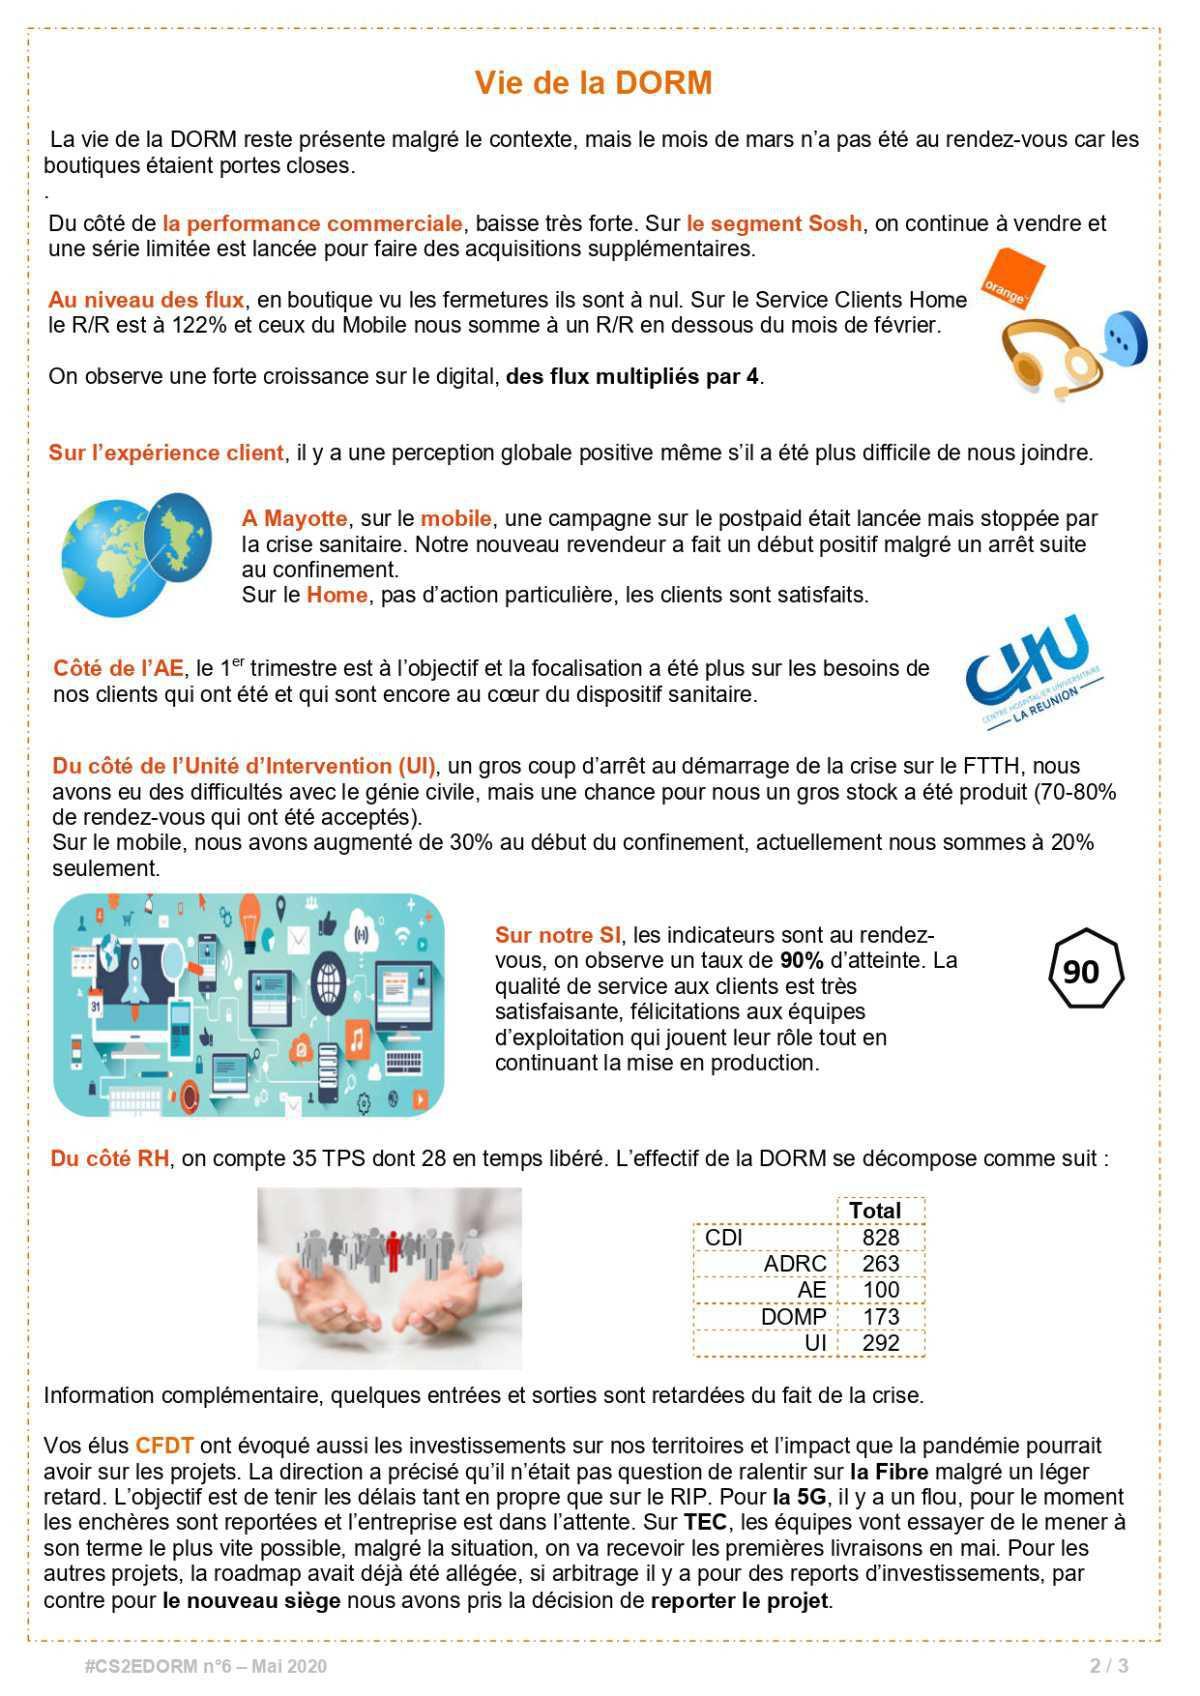 #CS2EDORM n°6 - Une séance en conférence téléphonique masi pas de tout repos!